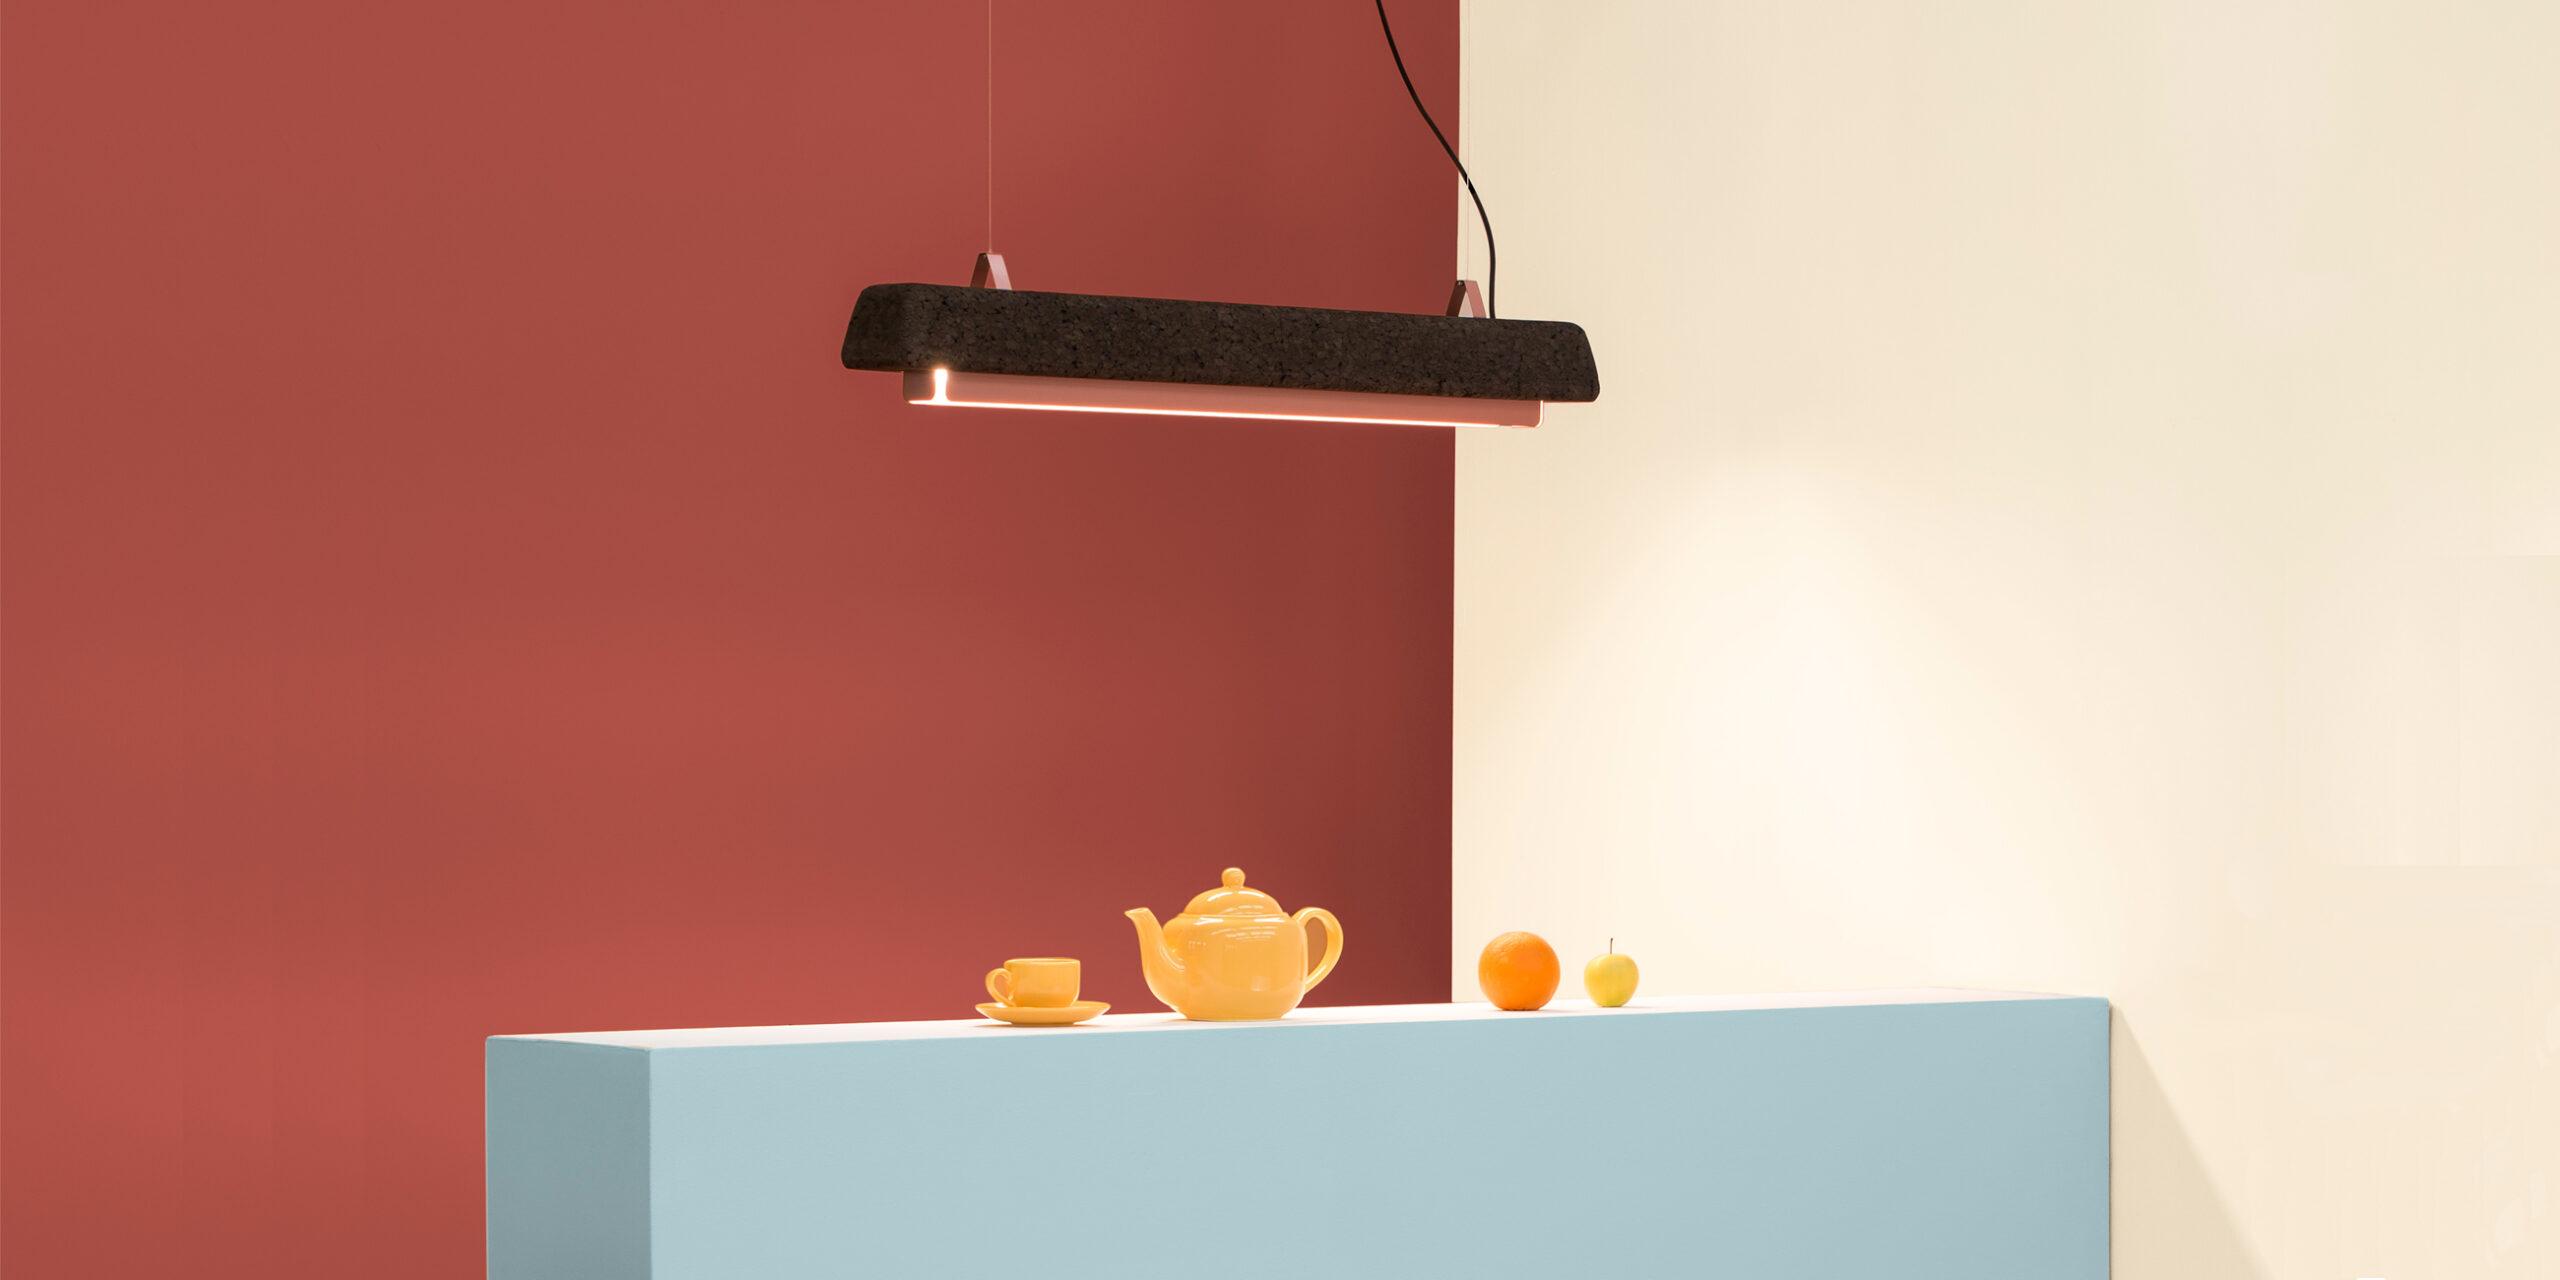 cortina-big-metal-cork-pendant-lamp-dam-portugal